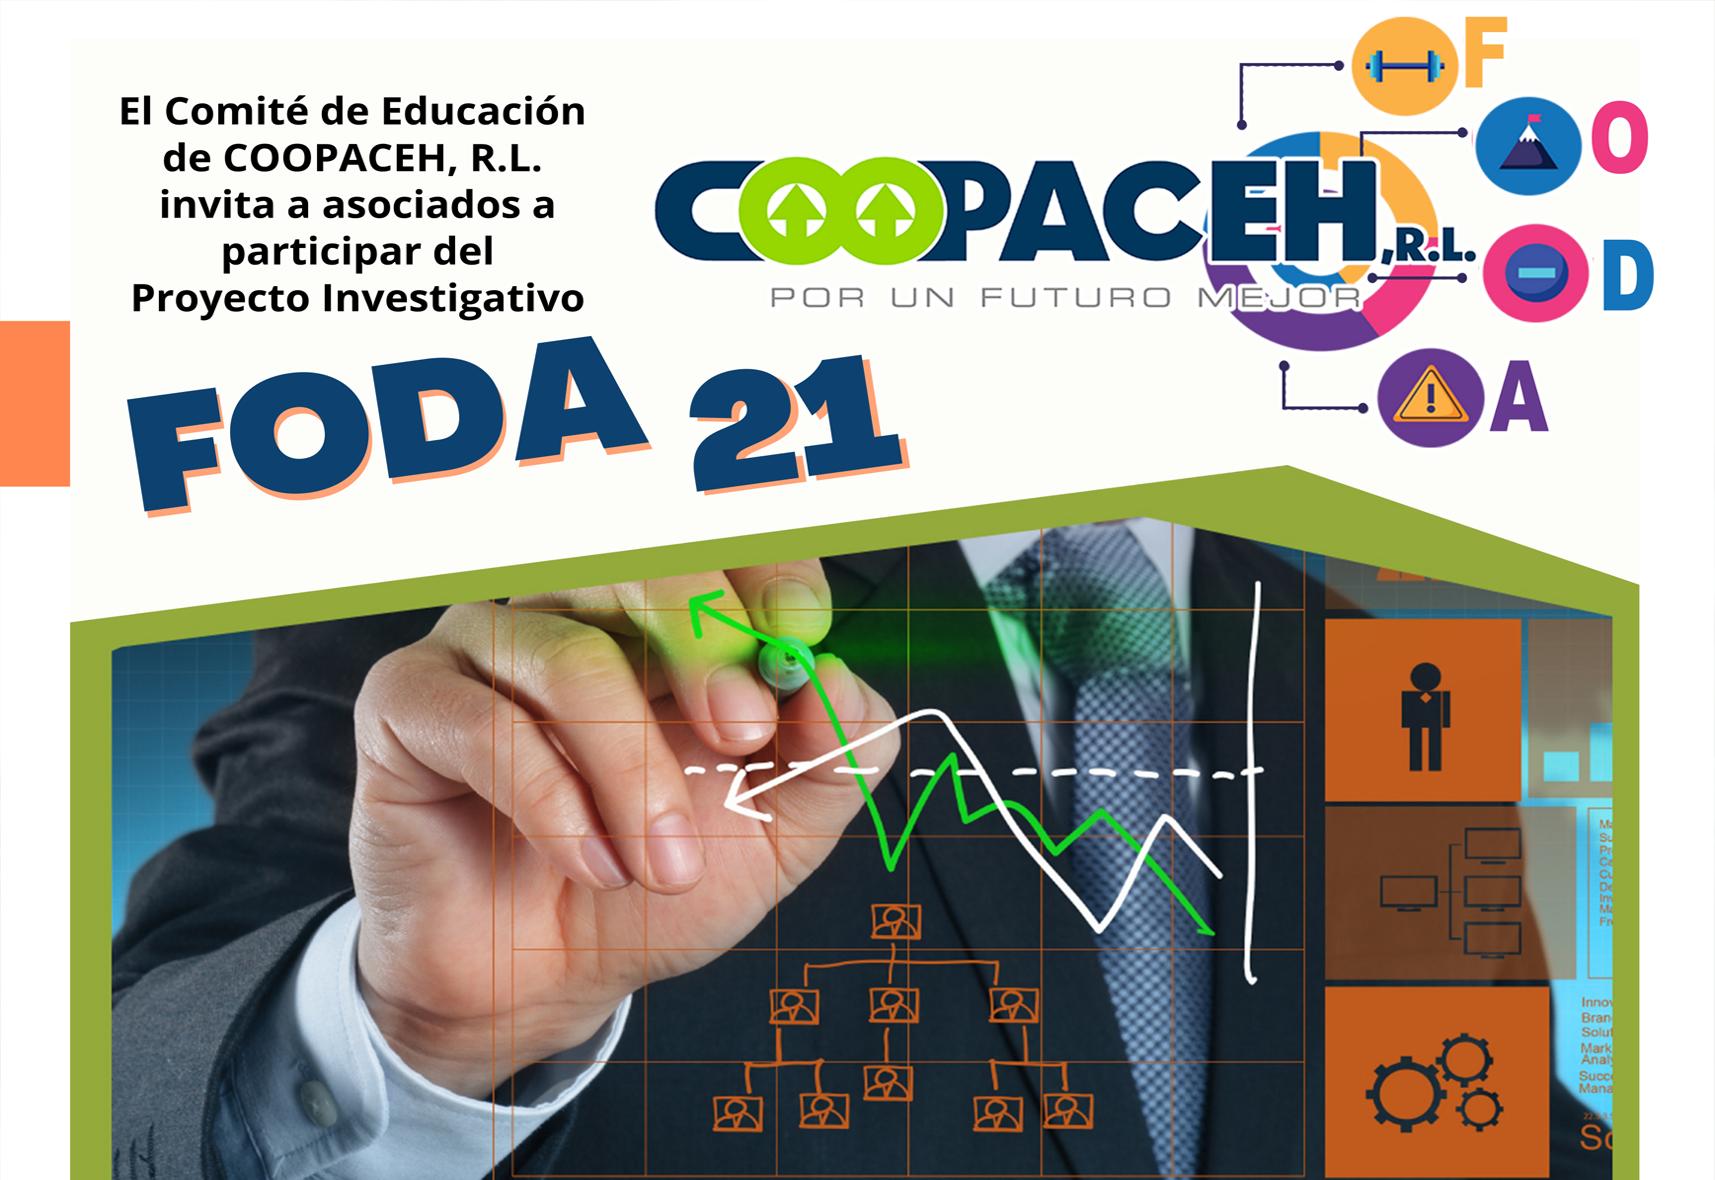 Proyecto FODA 21